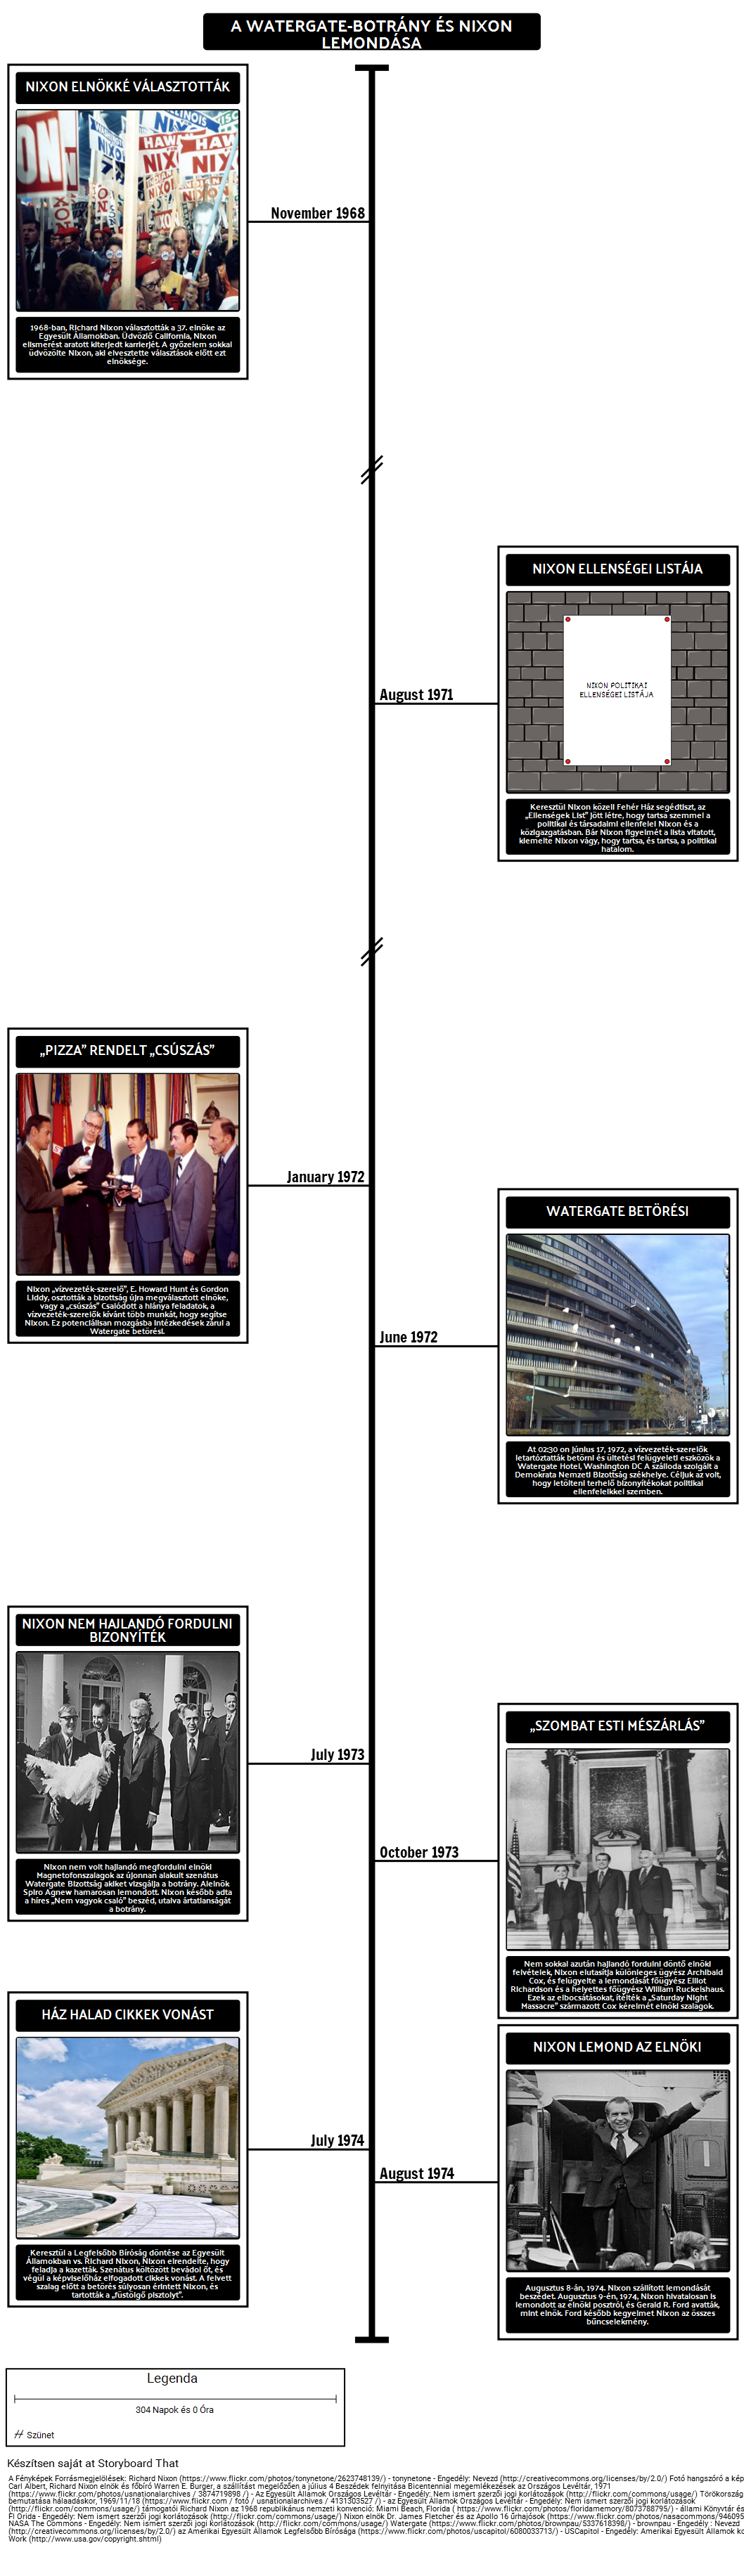 A Watergate-botrány Timeline és Nixon Lemondása